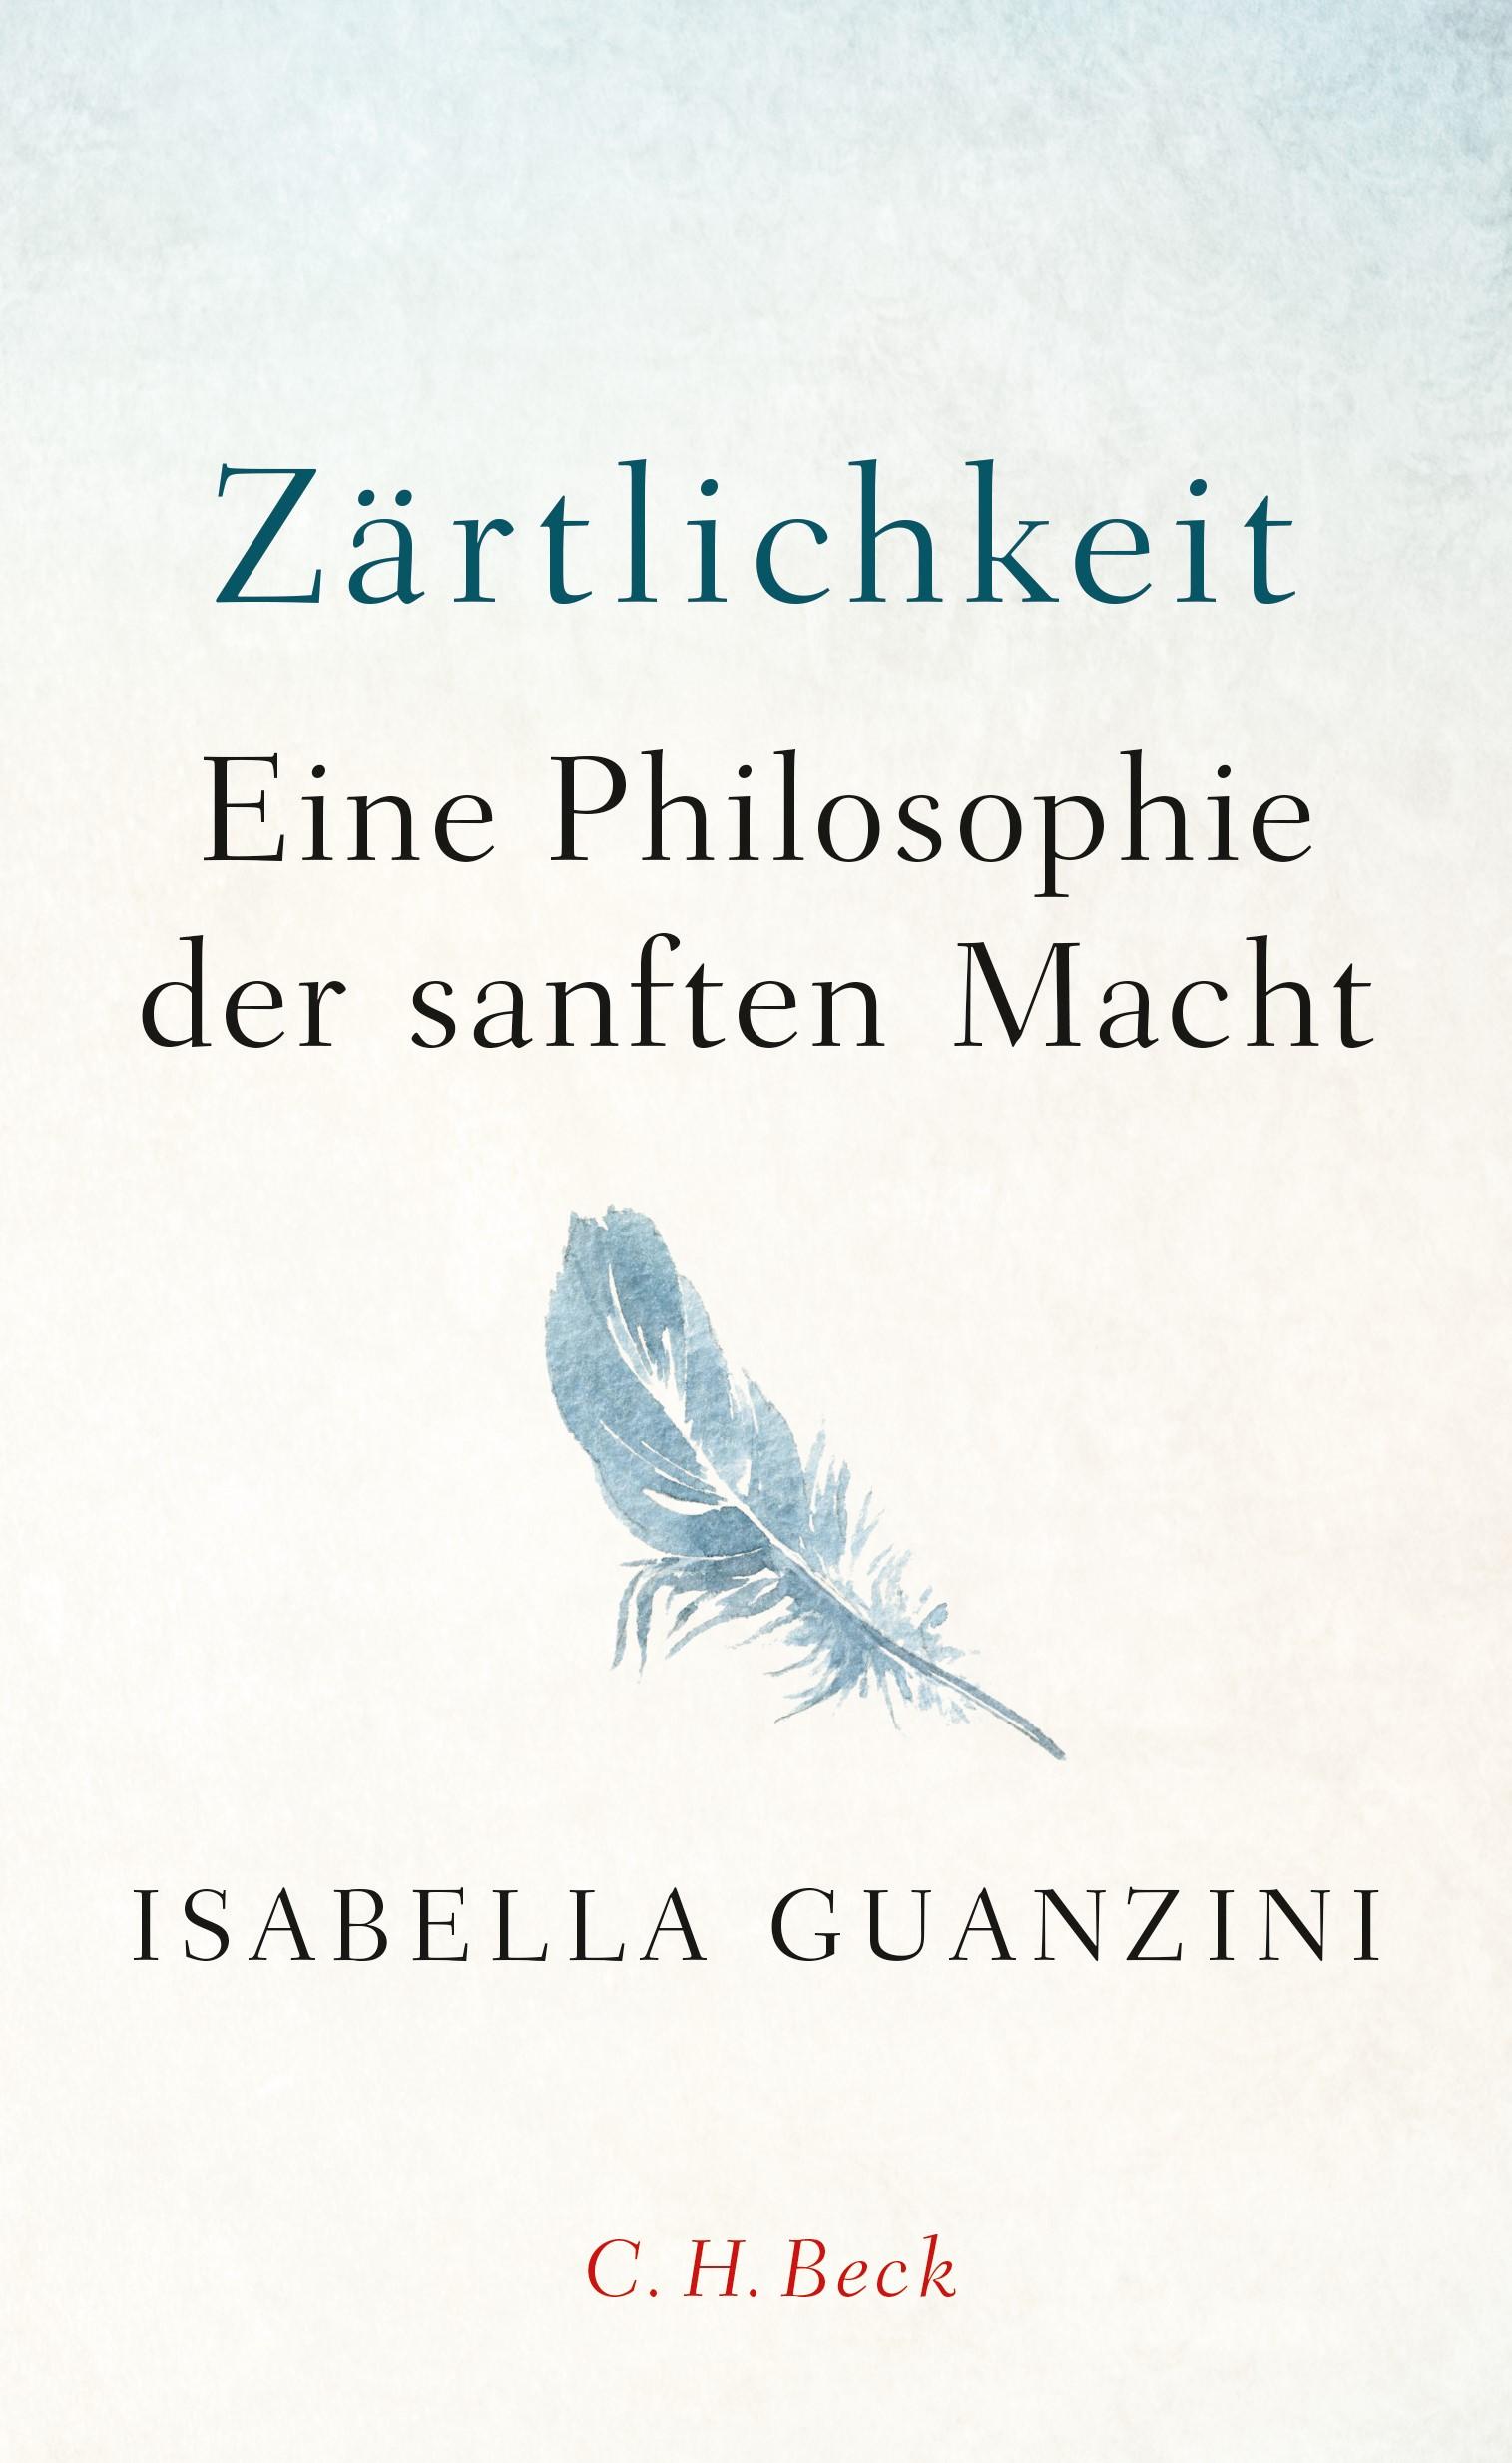 Zärtlichkeit   Guanzini, Isabella, 2019   Buch (Cover)